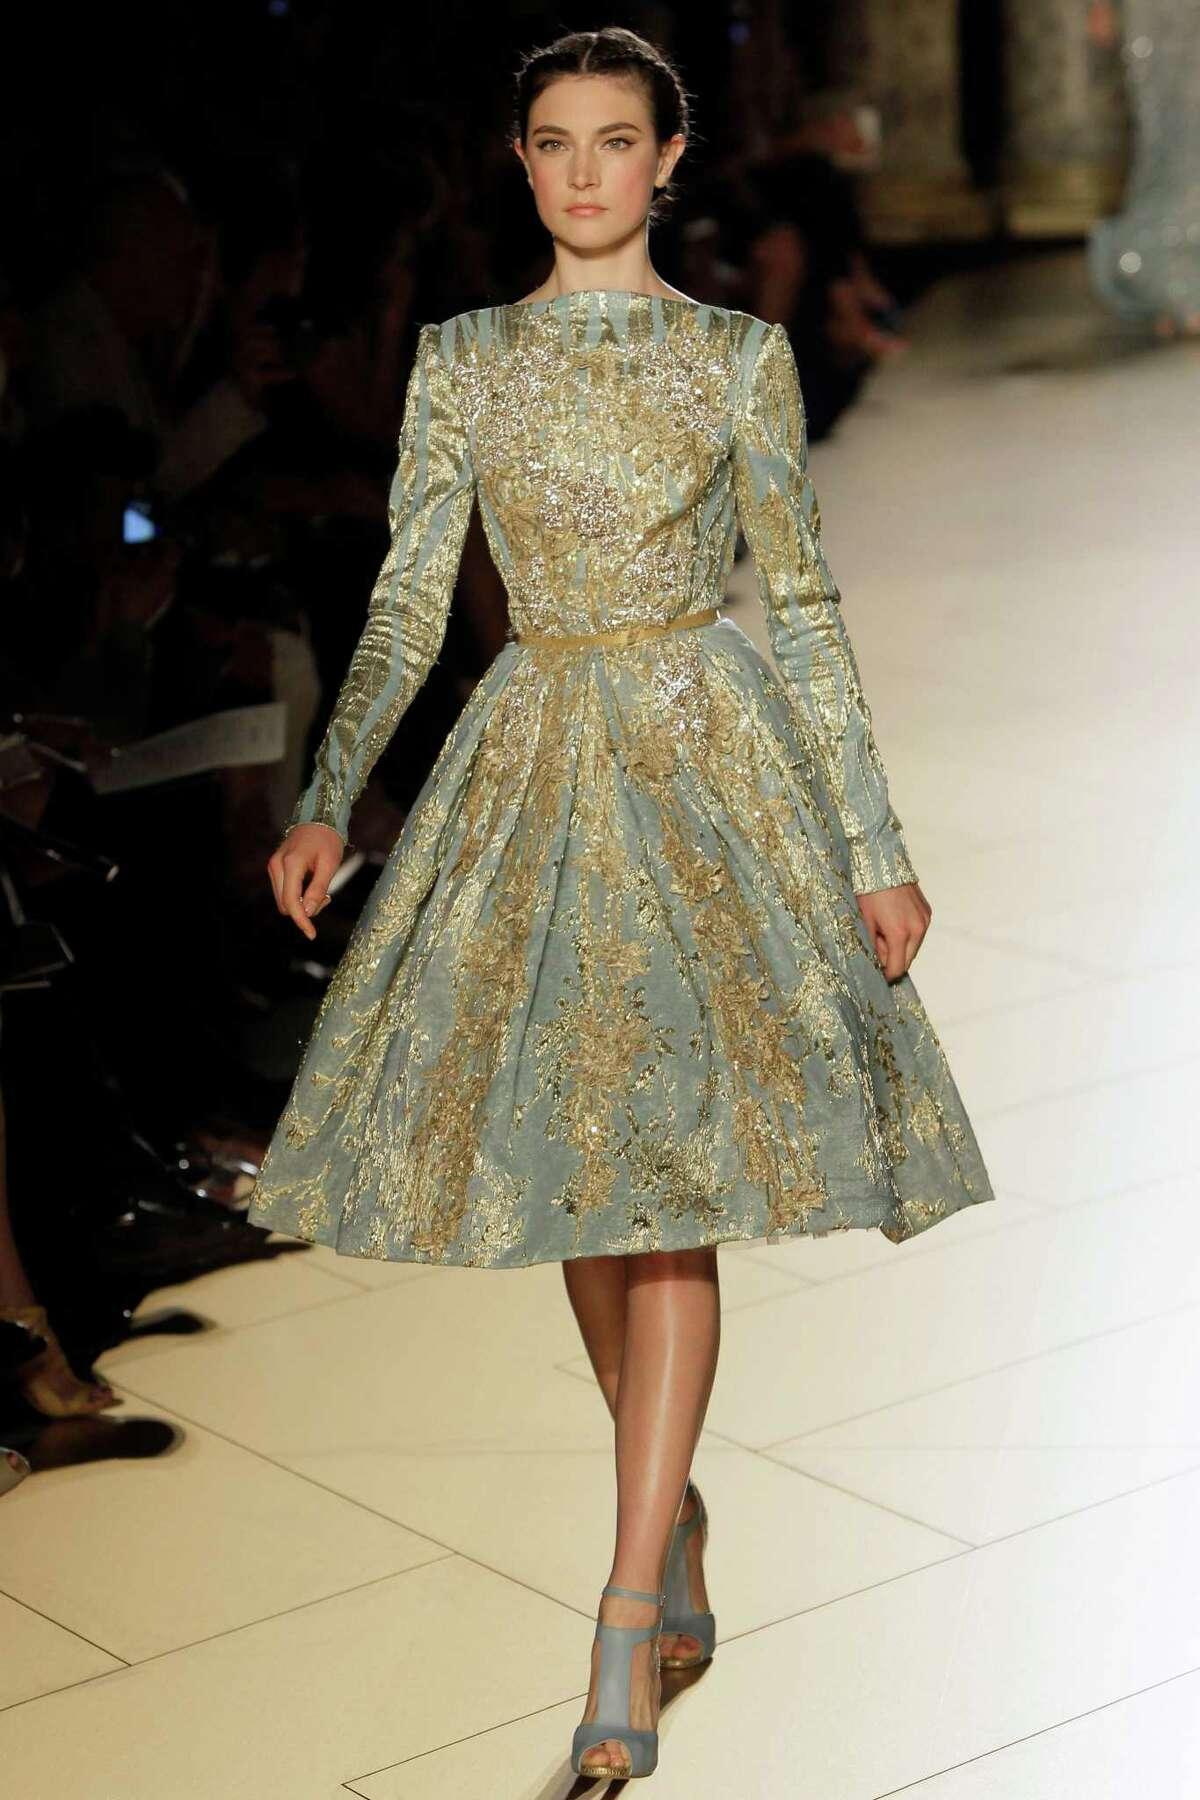 A model wears a creation by fashion designer Elie Saab.